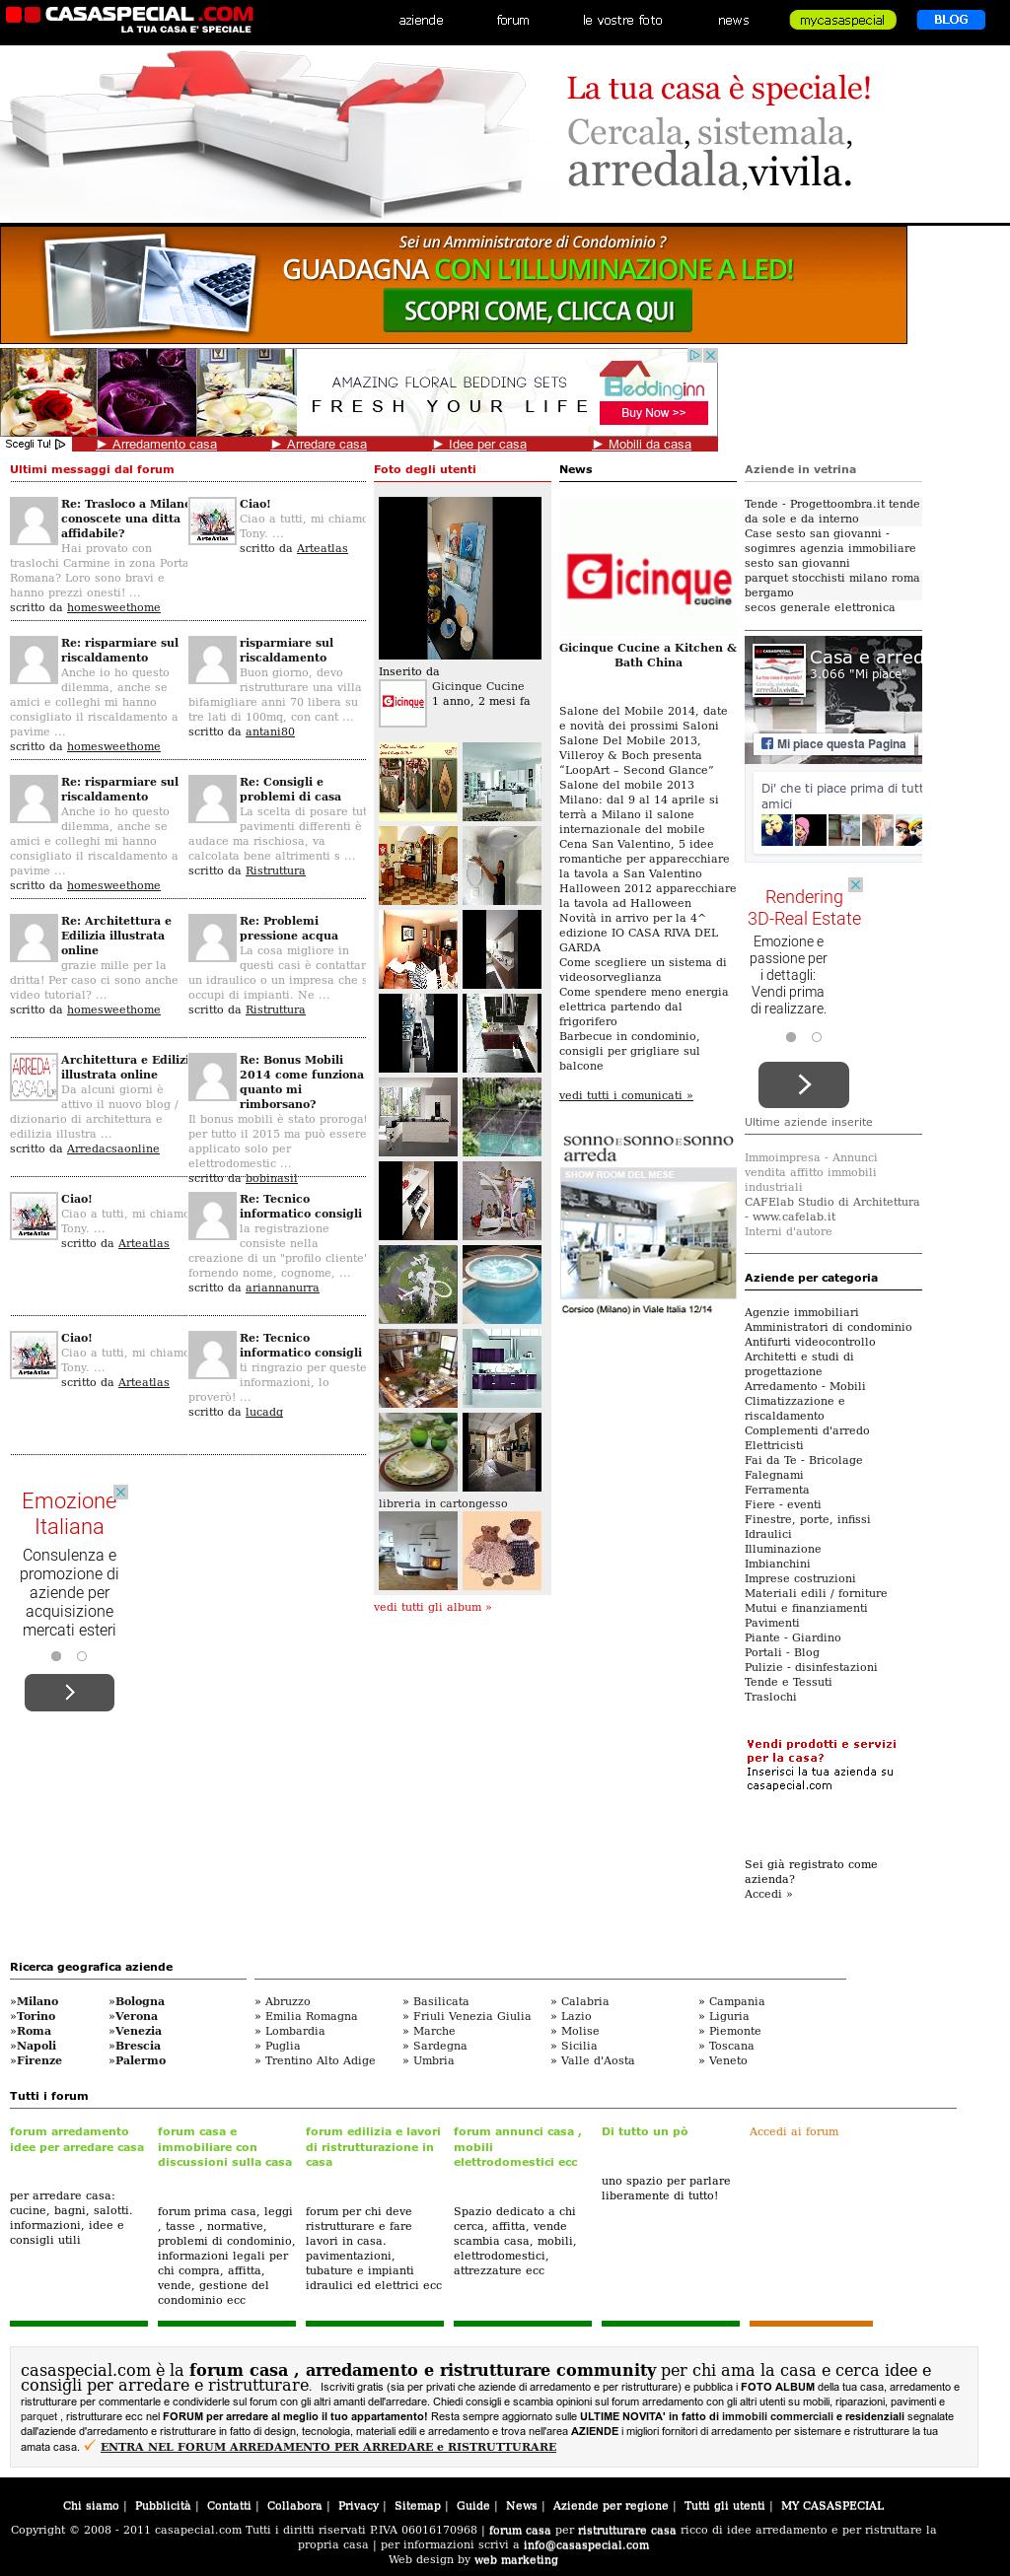 Arredamento Buongiorno Lodi casa e arredamento competitors, revenue and employees